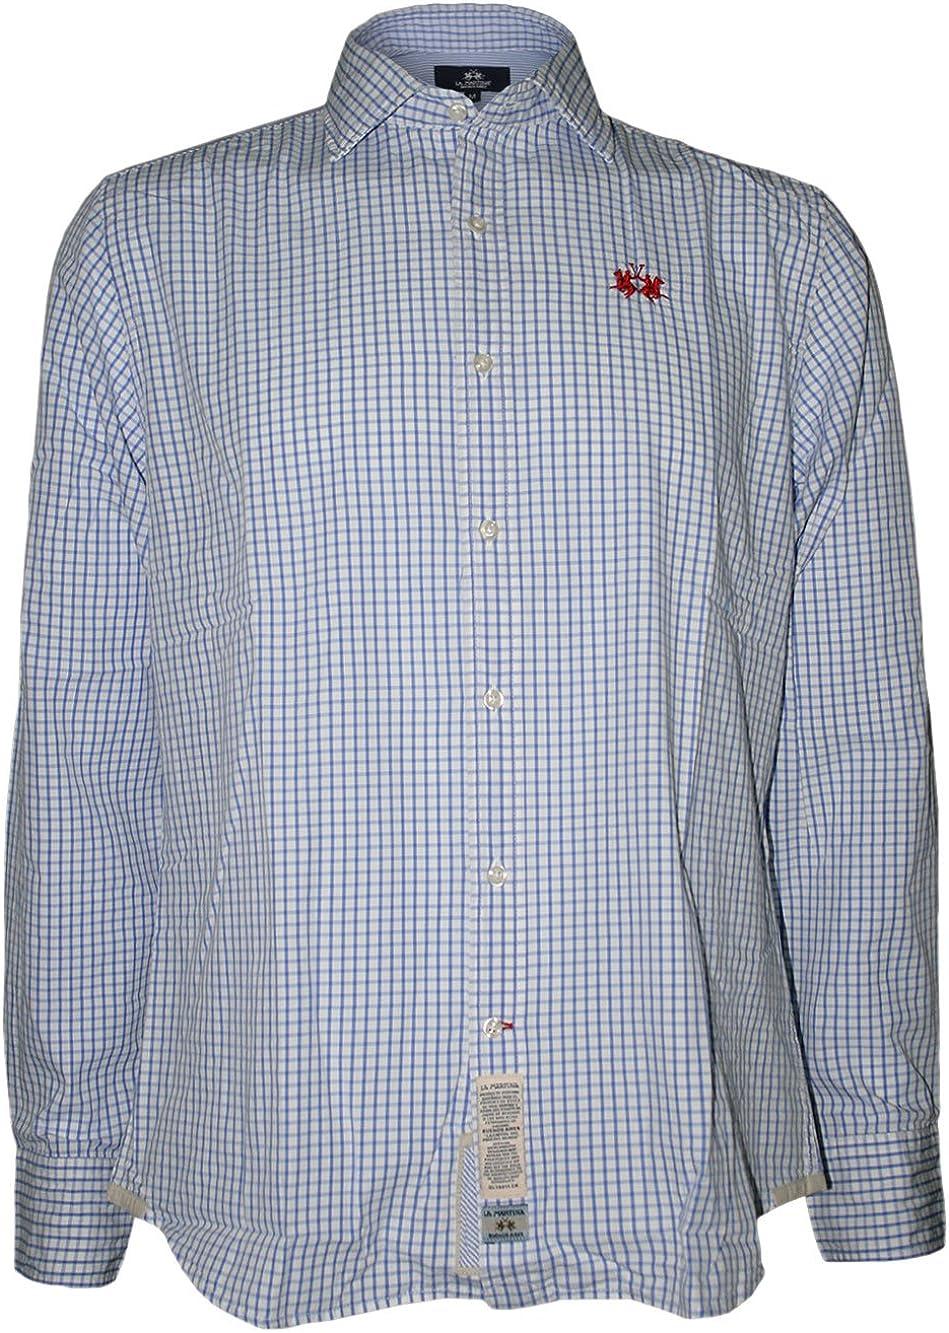 La Martina Hombre Diseñador Polo Camisa - Polo -: Amazon.es: Ropa y accesorios